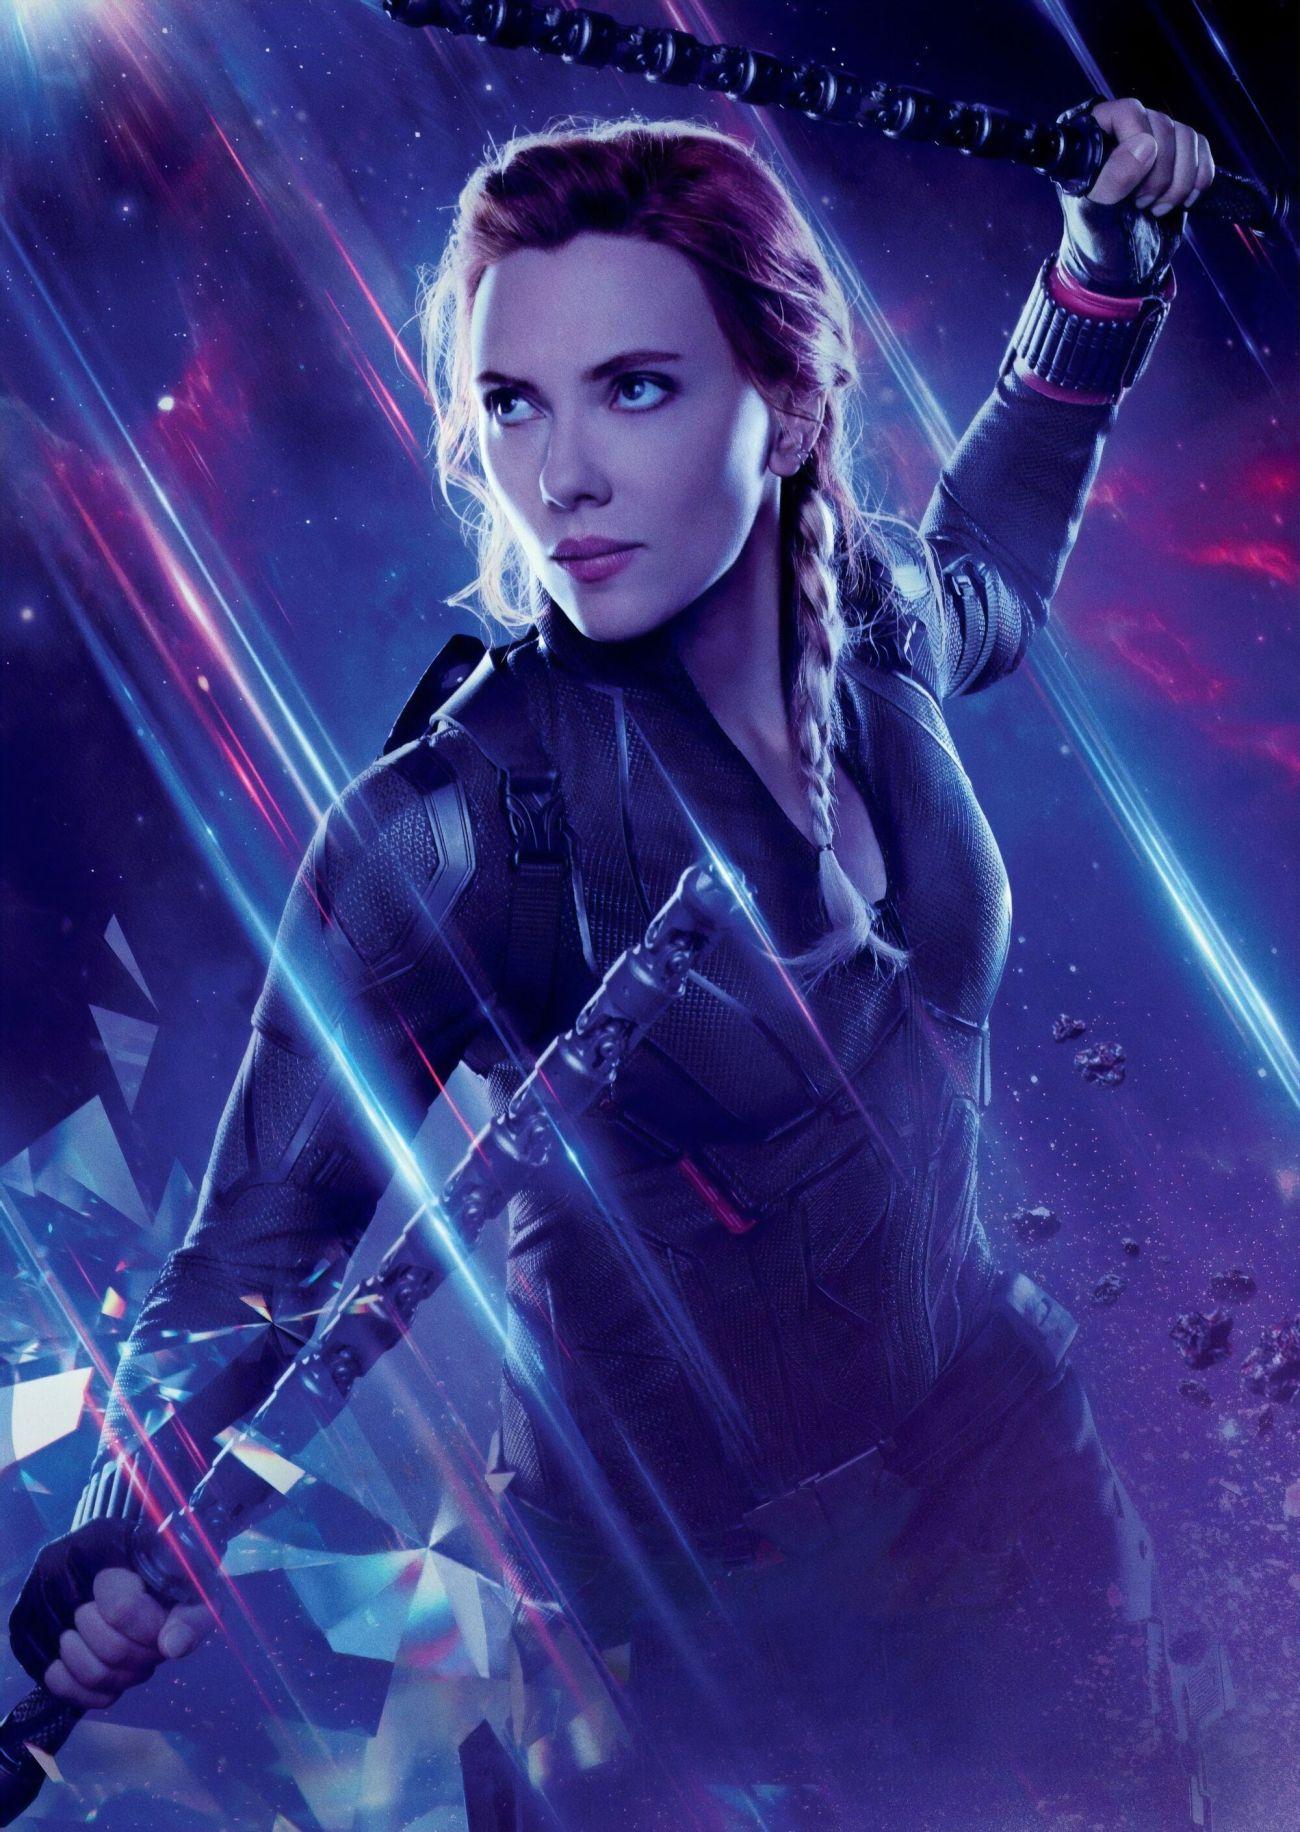 Scarlett Johansson protagonizará y co-producirá la película de Black Widow. Imagen: marvelcinematicuniverse.fandom.com